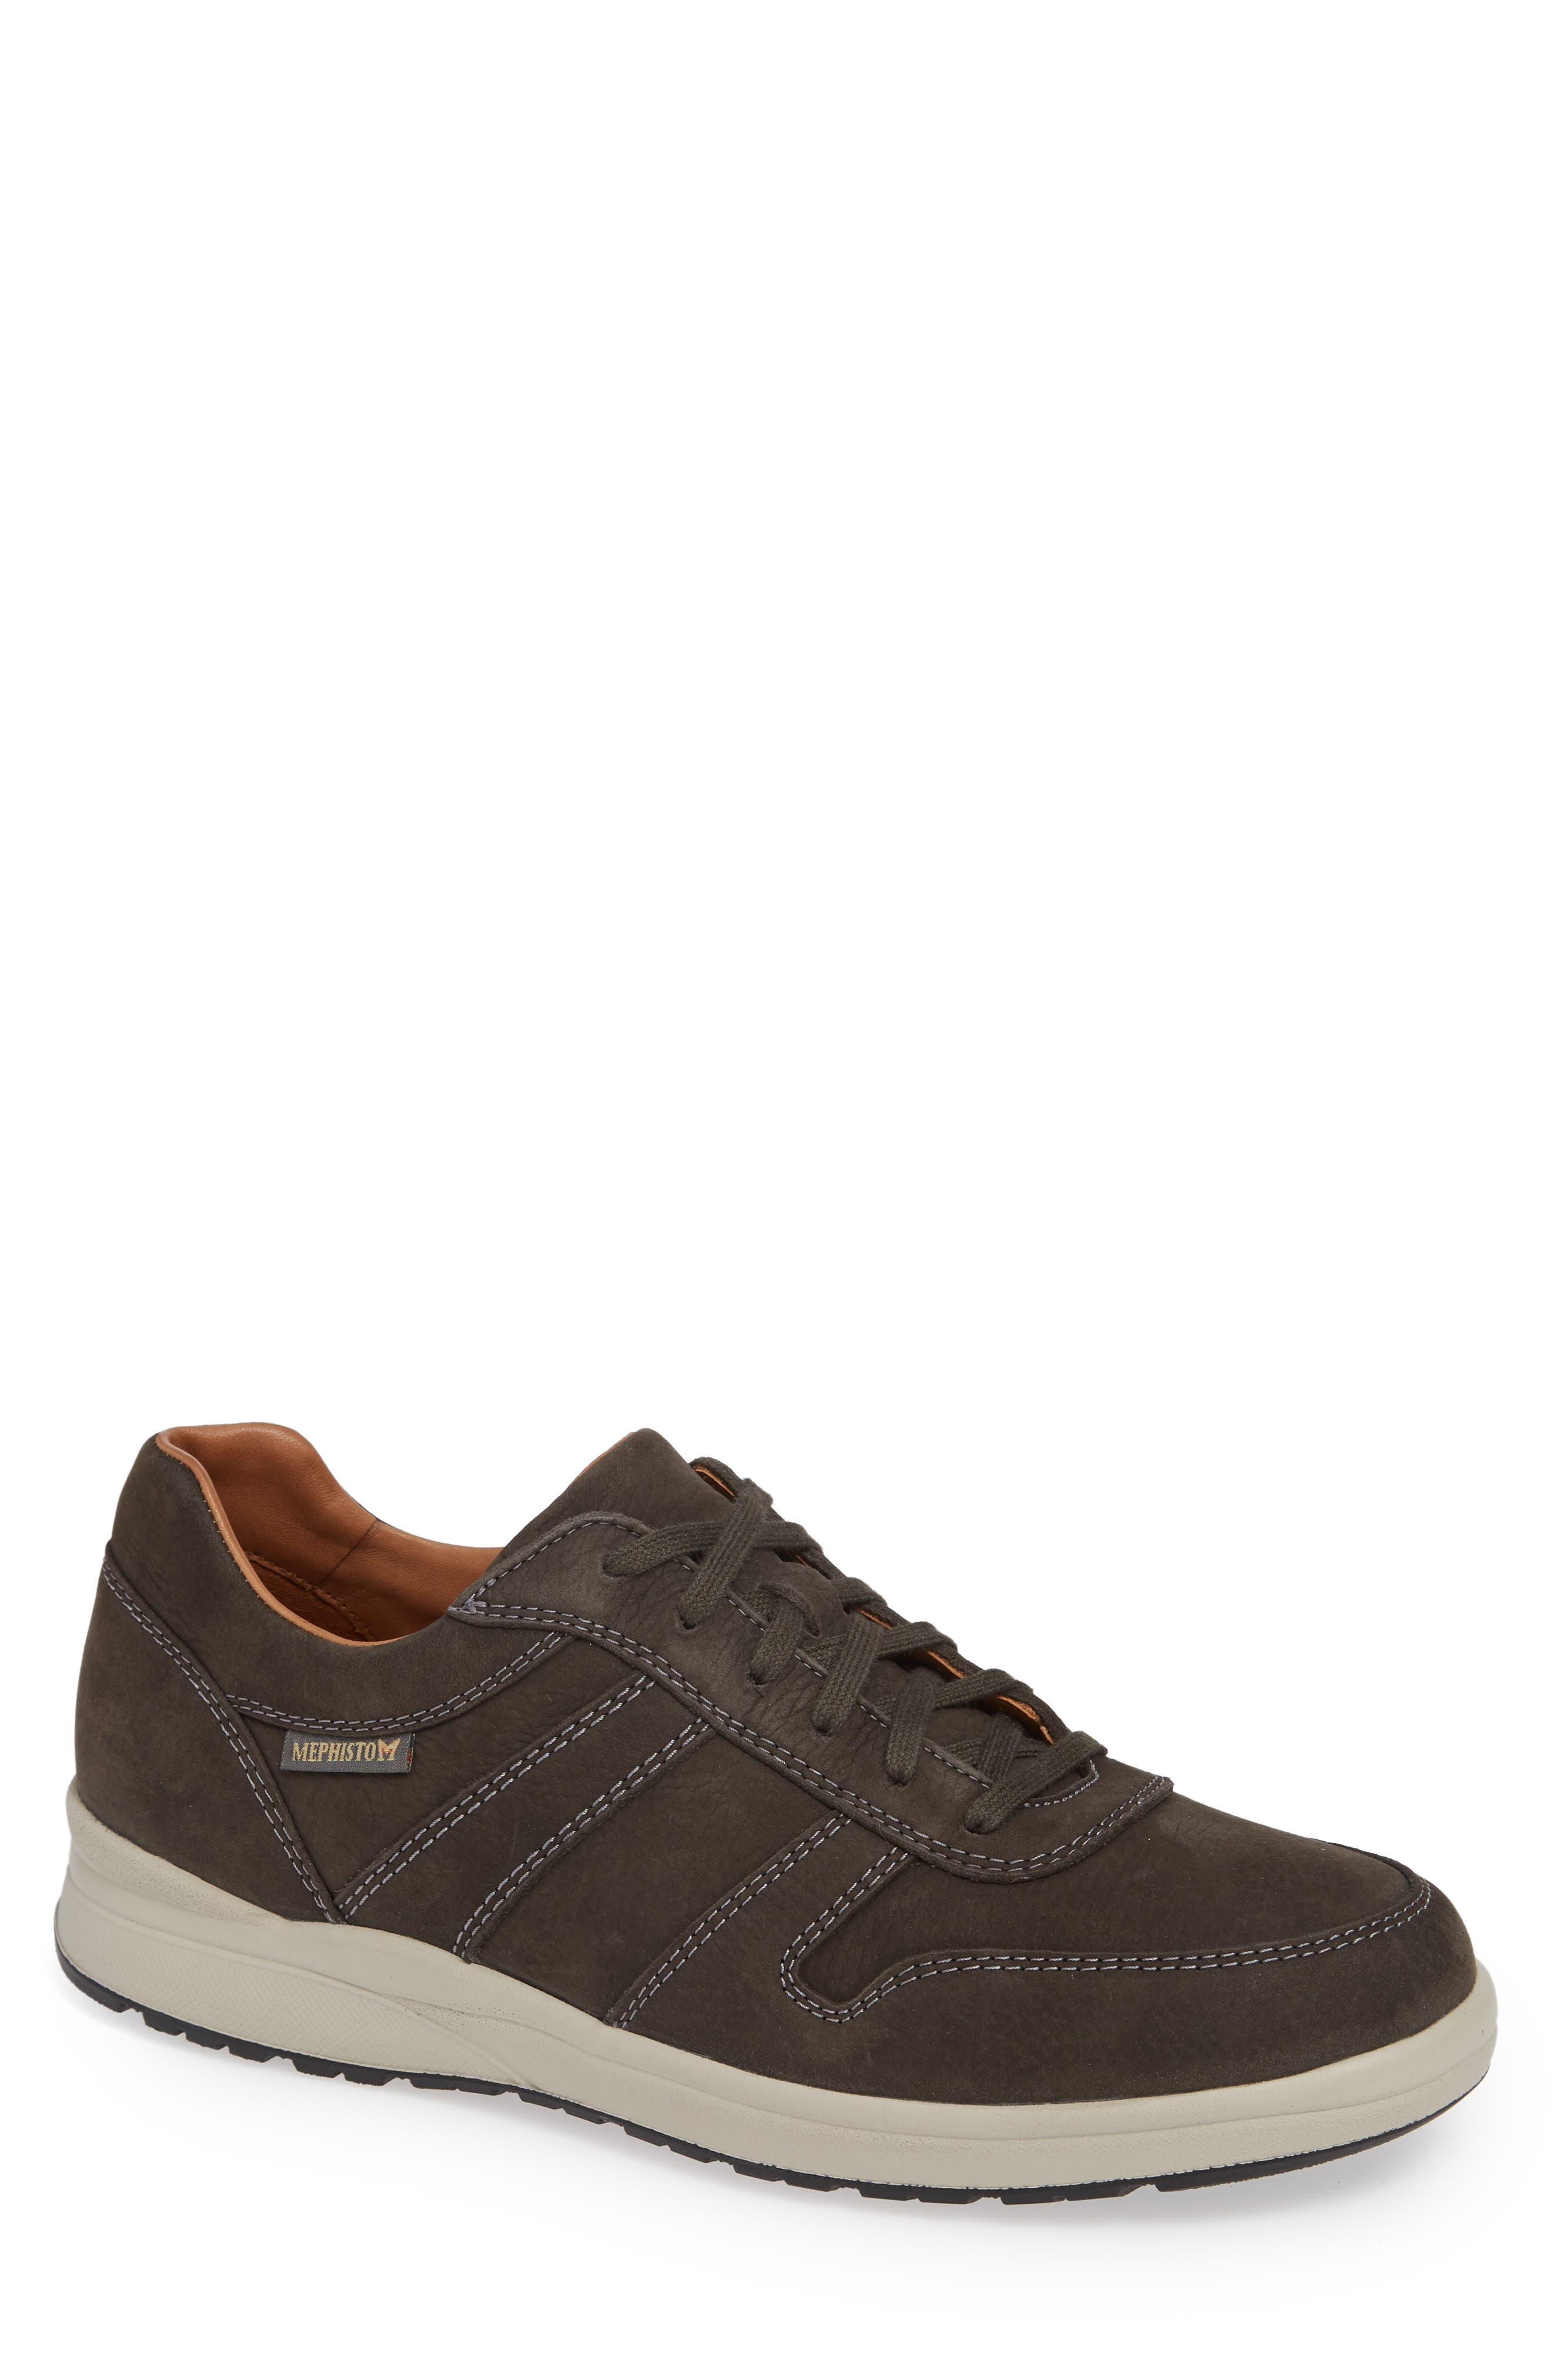 MEPHISTO Vito Sneaker, Main, color, GRAPHITE SPORTBUCK